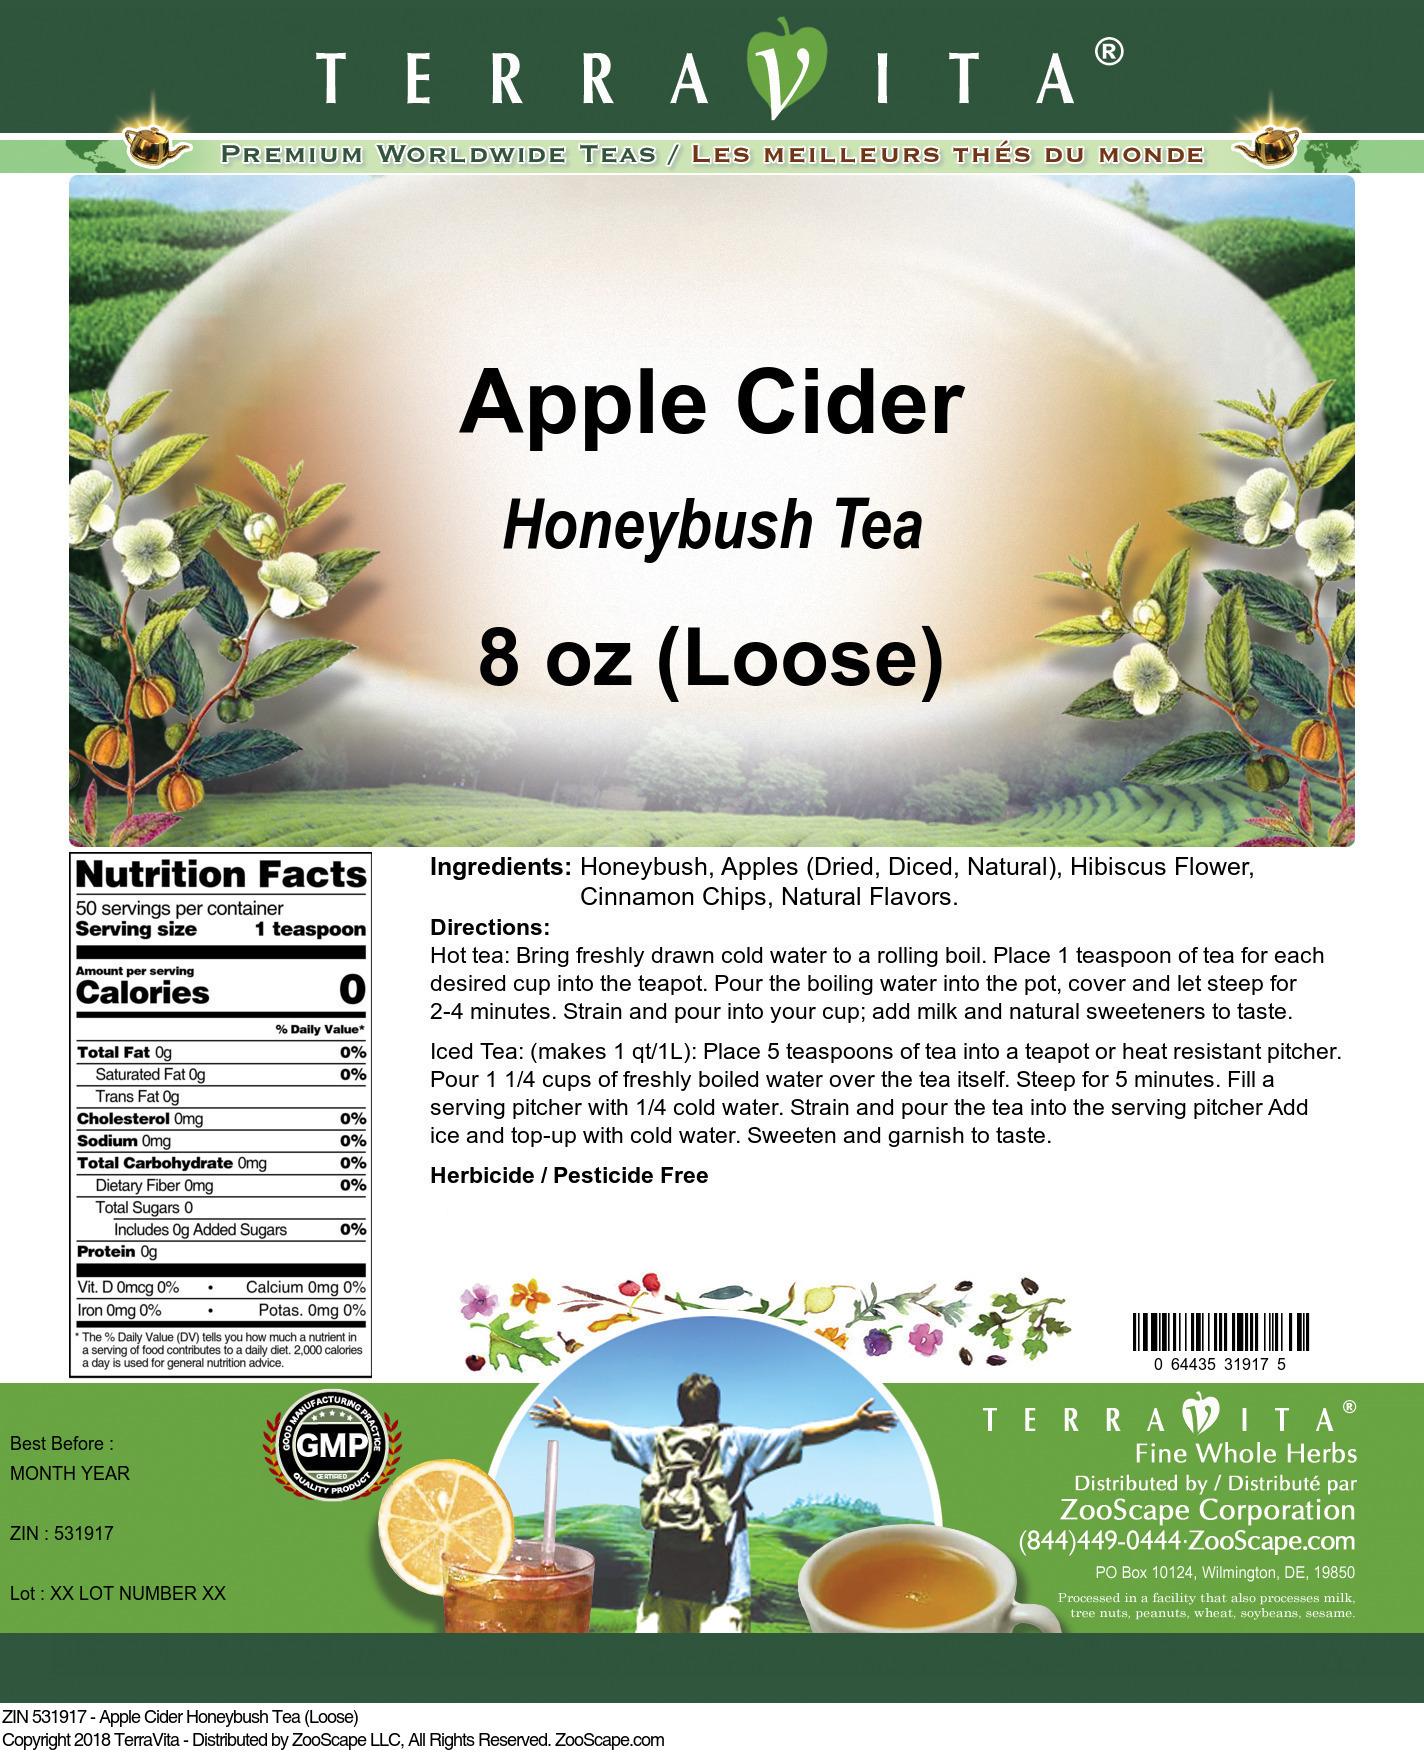 Apple Cider Honeybush Tea